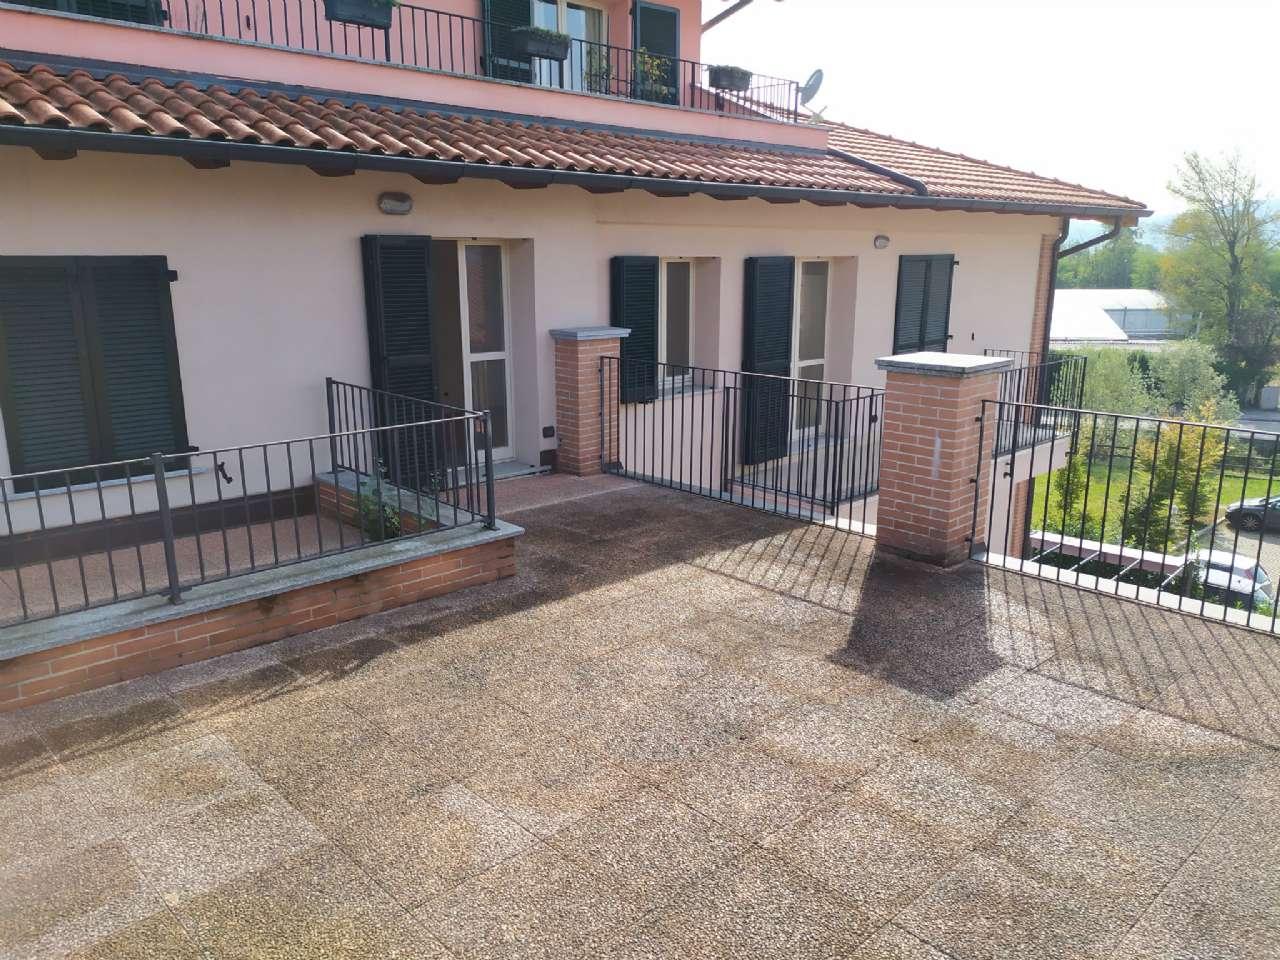 Lissago - Calcinate - Trilocale con grande terrazzo e box, foto 1